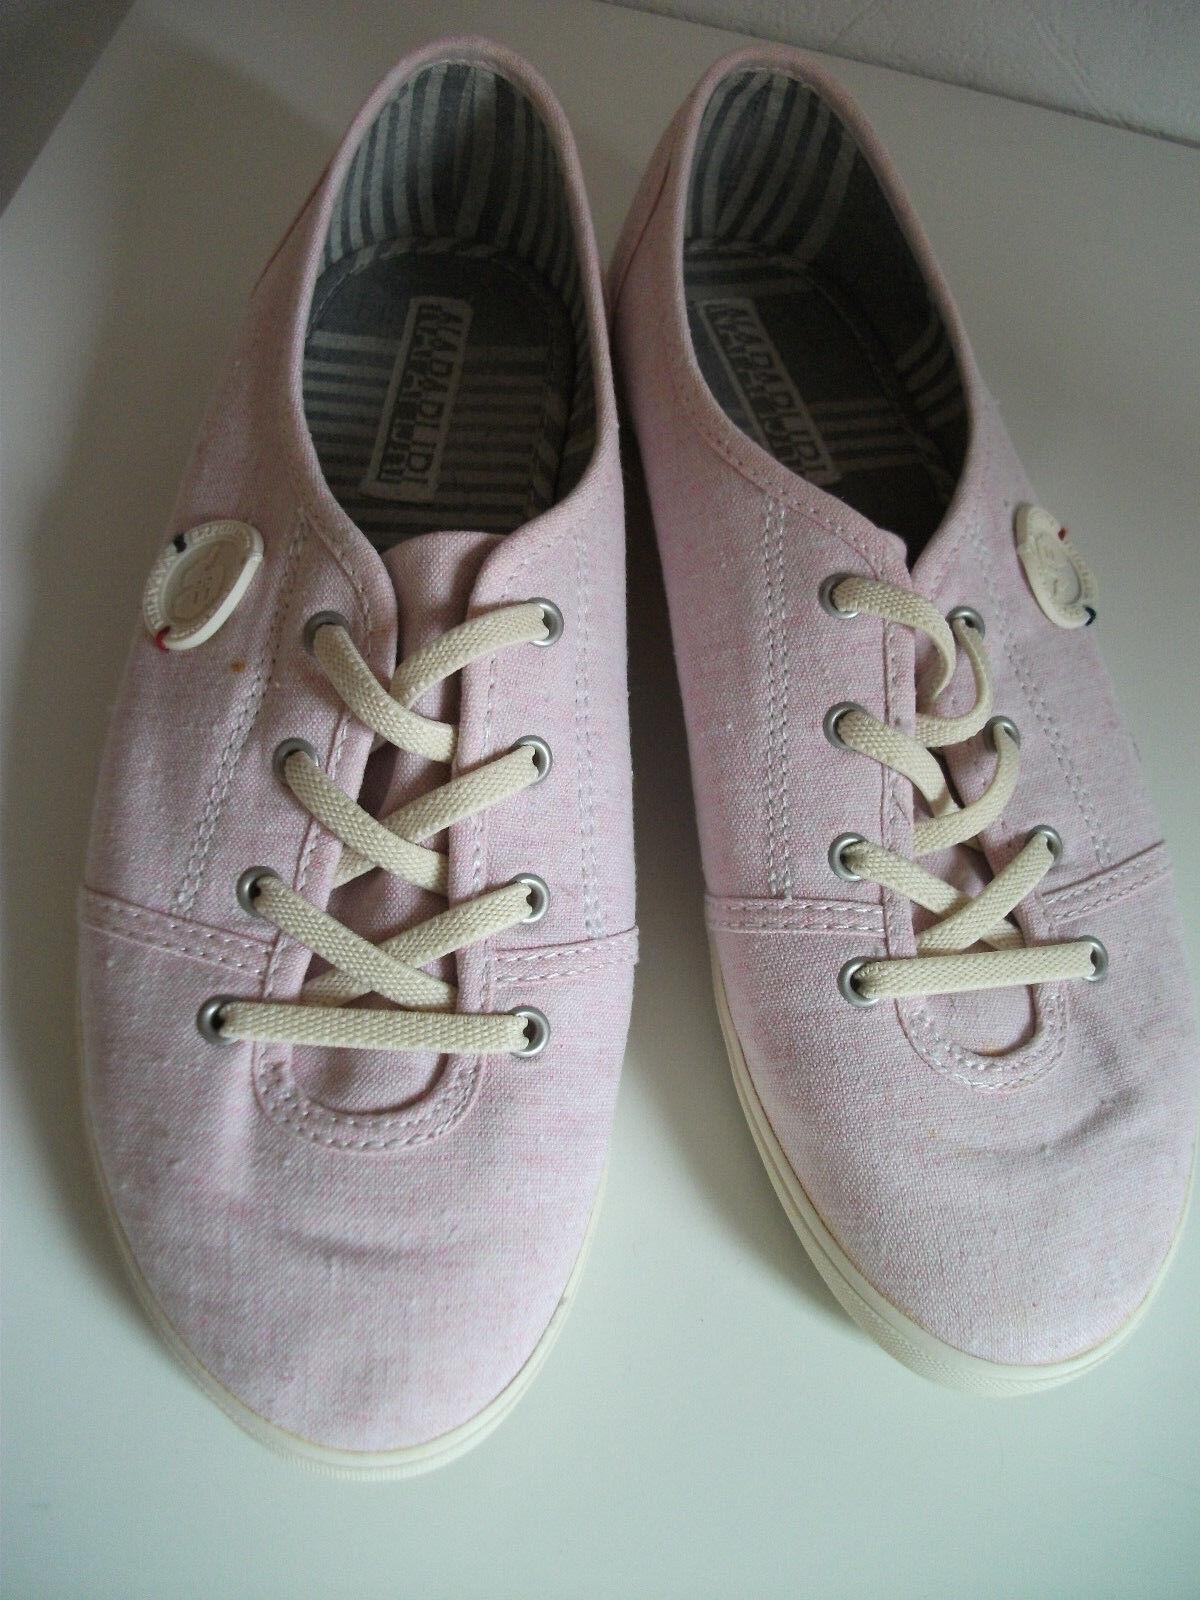 ORIG. tela NAPAPIJRI-moderna, comoda sneaker in tela ORIG. TG. 40 NUOVO 214304